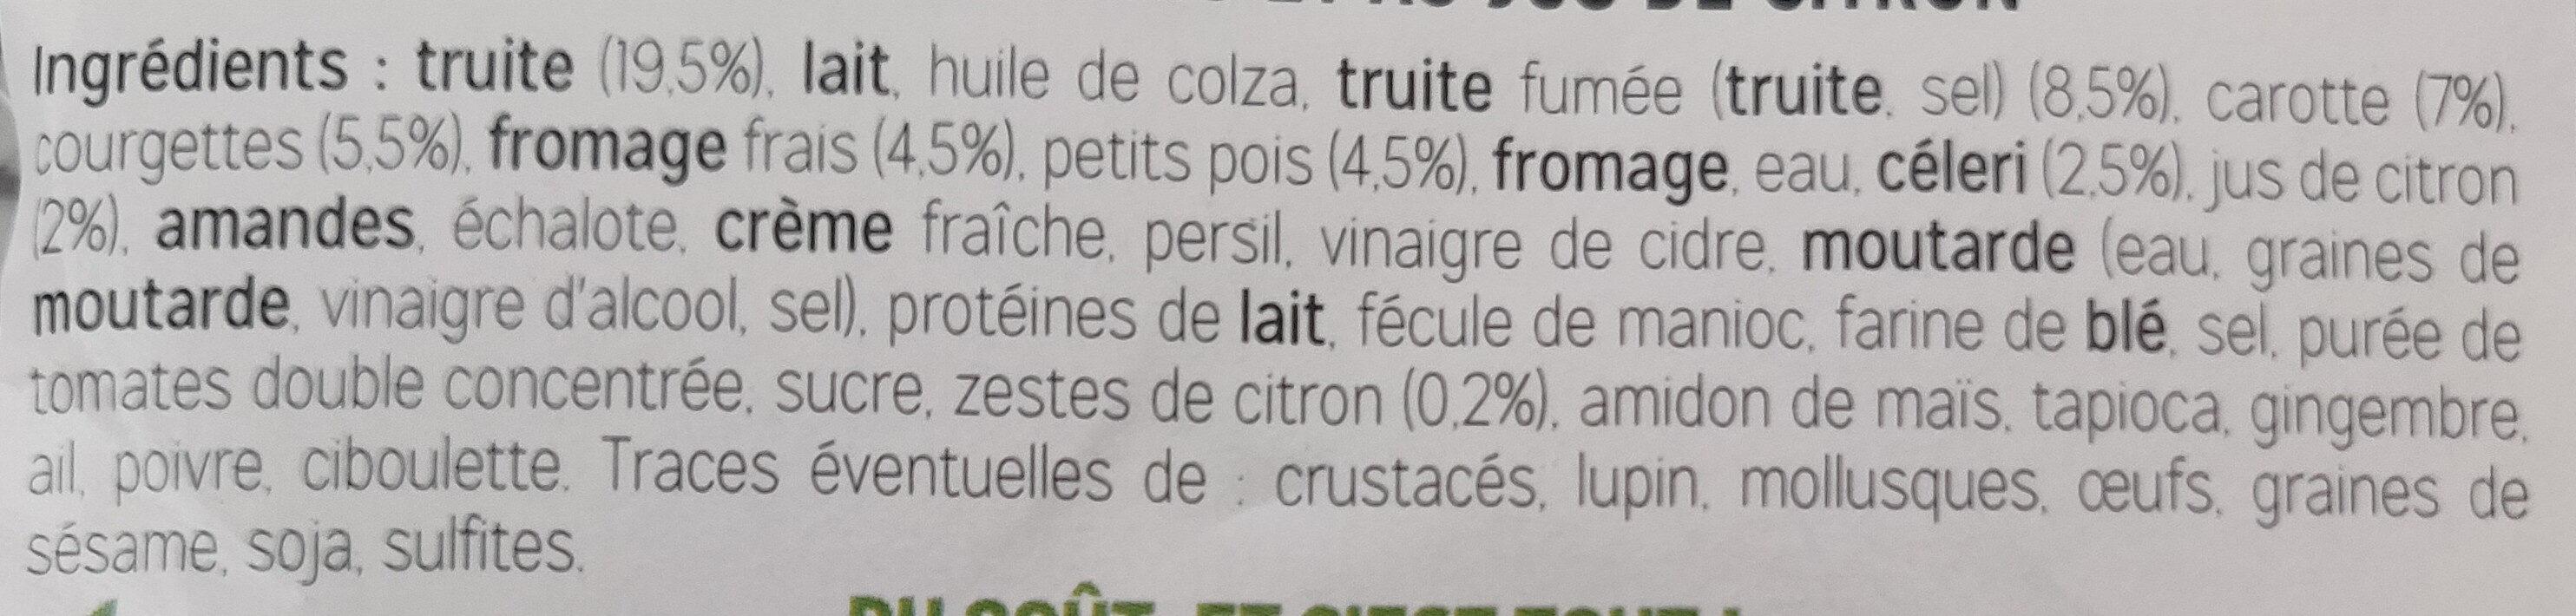 Verrines à la truite et au fromage frais citron - Ingrédients - fr